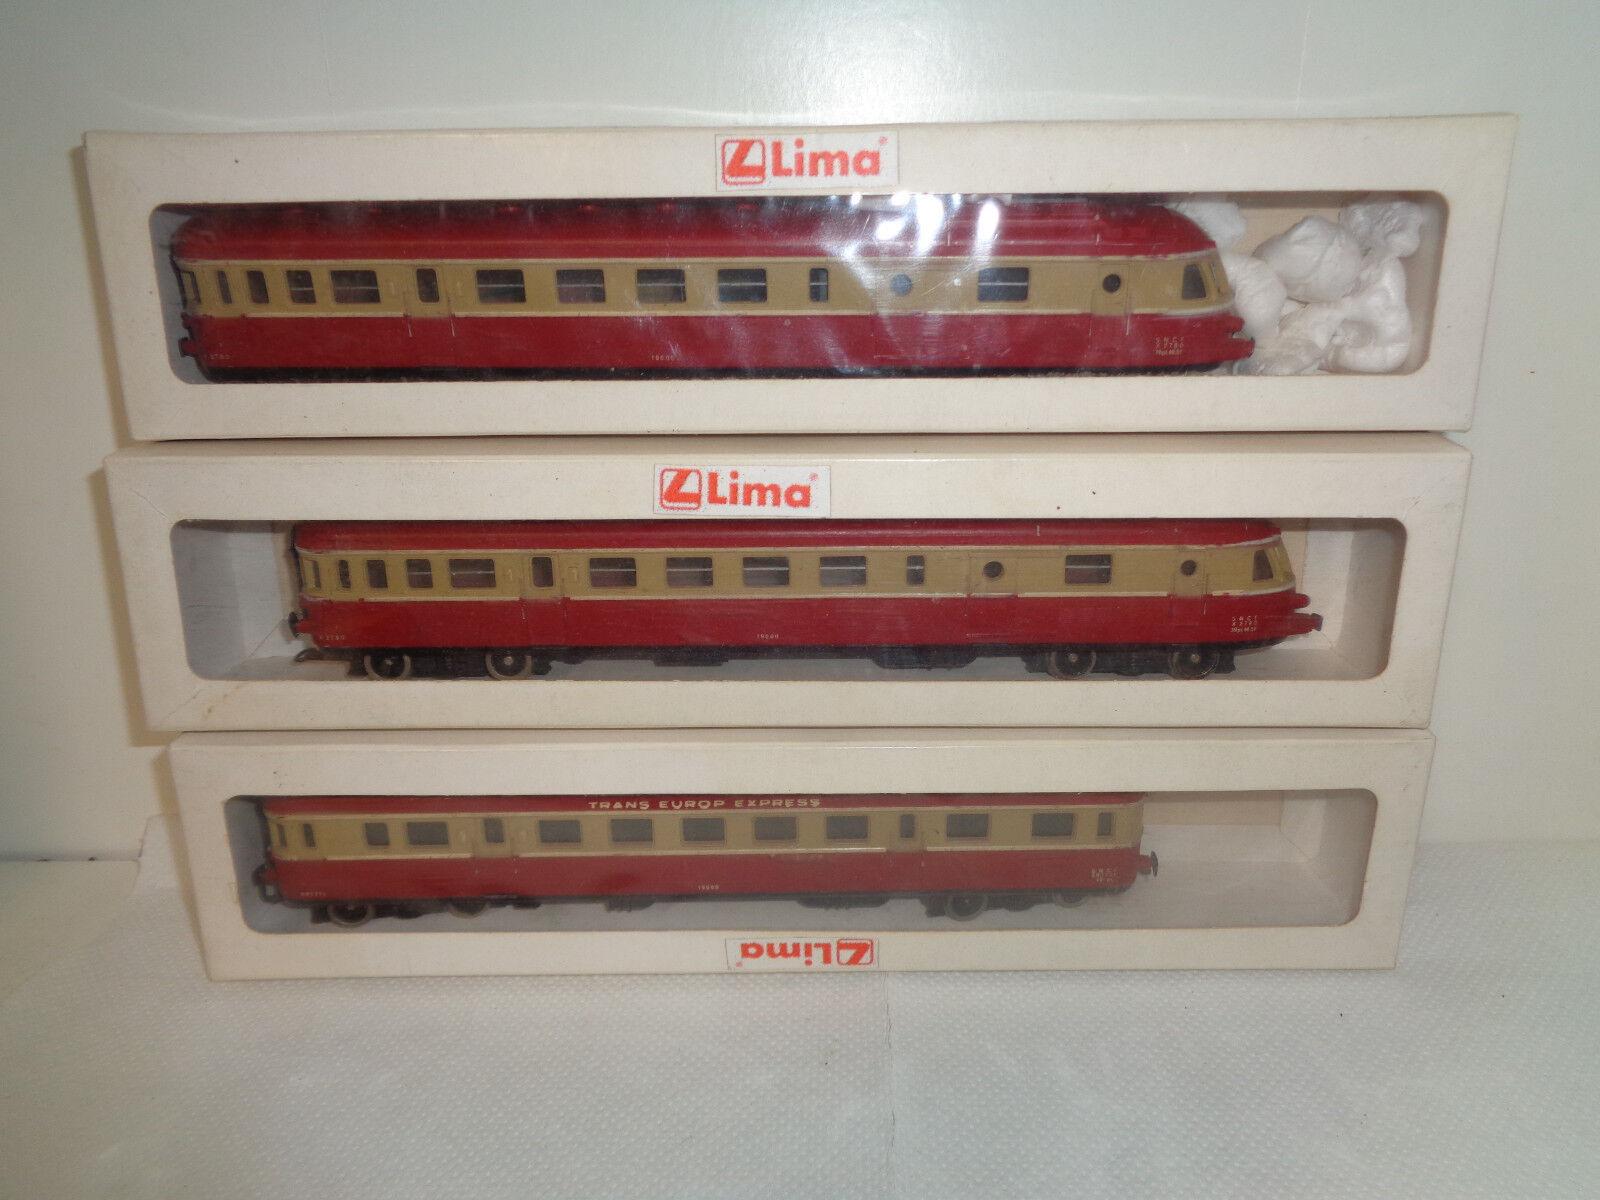 LIMA X 2780-X2780-SNCF-CONVOGLIO-19000-LOCOMOTIVA-1 87-SCALA H0---Z23